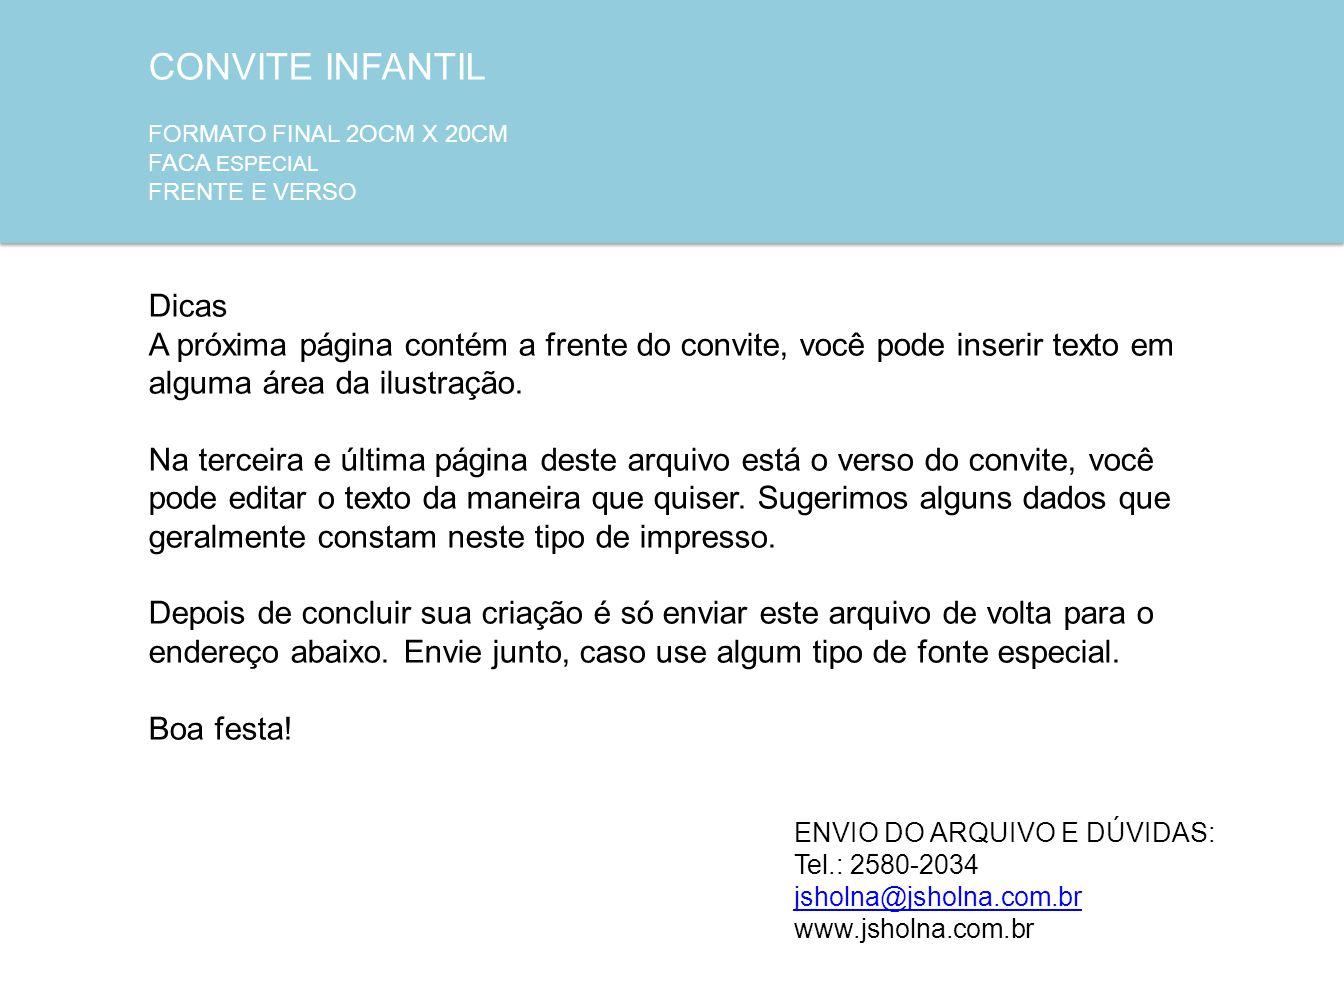 CONVITE INFANTIL FORMATO FINAL 2OCM X 20CM FACA ESPECIAL FRENTE E VERSO ENVIO DO ARQUIVO E DÚVIDAS: Tel.: 2580-2034 jsholna@jsholna.com.br www.jsholna